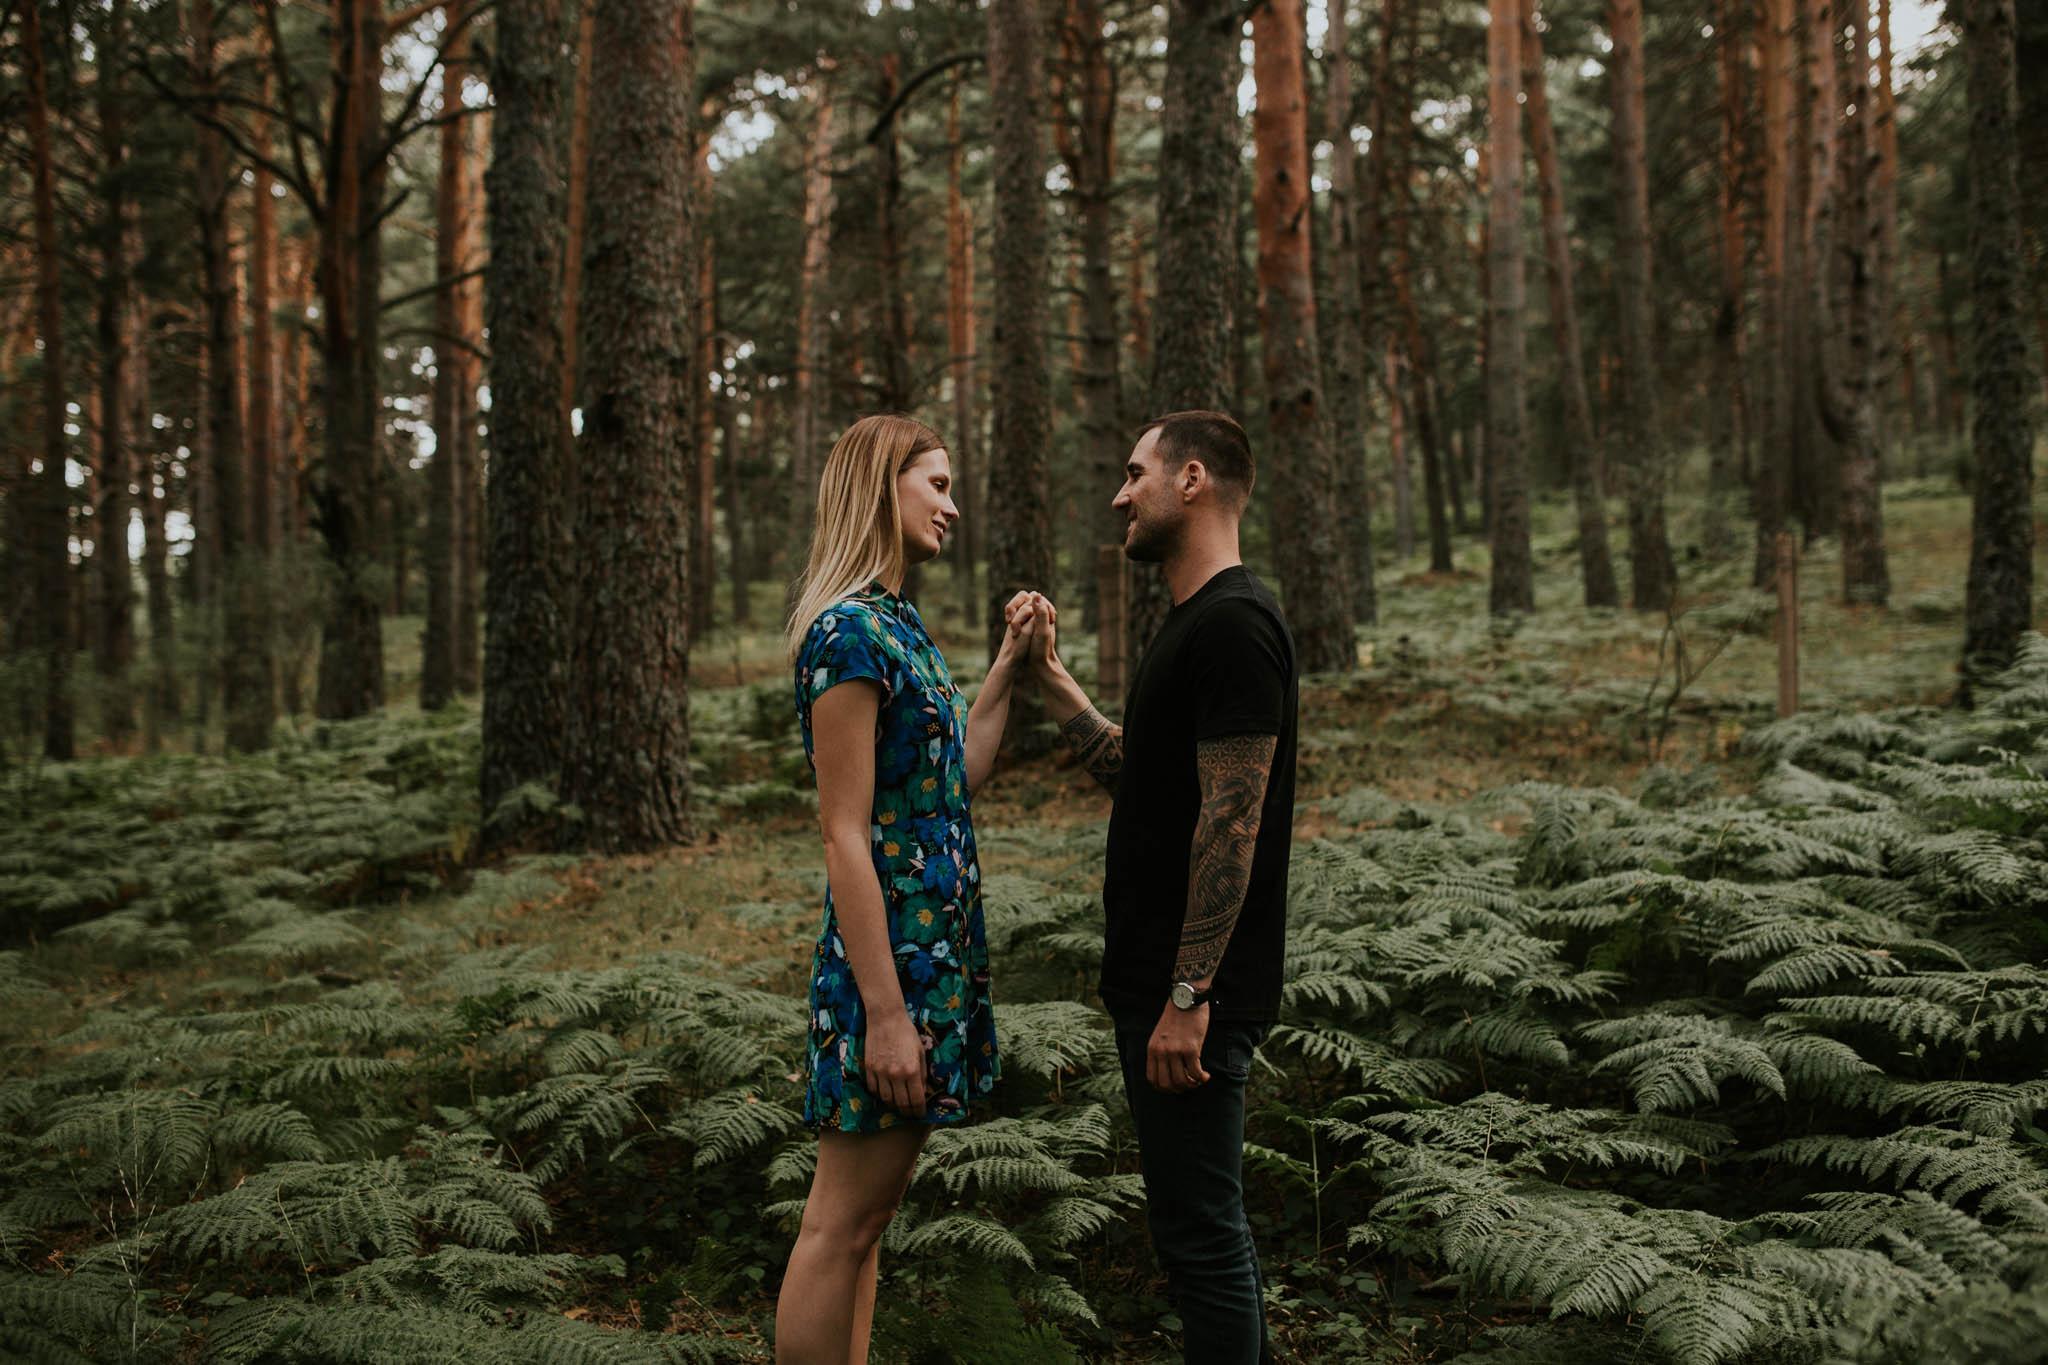 Fotografia pareja bosque 7 Concorazon